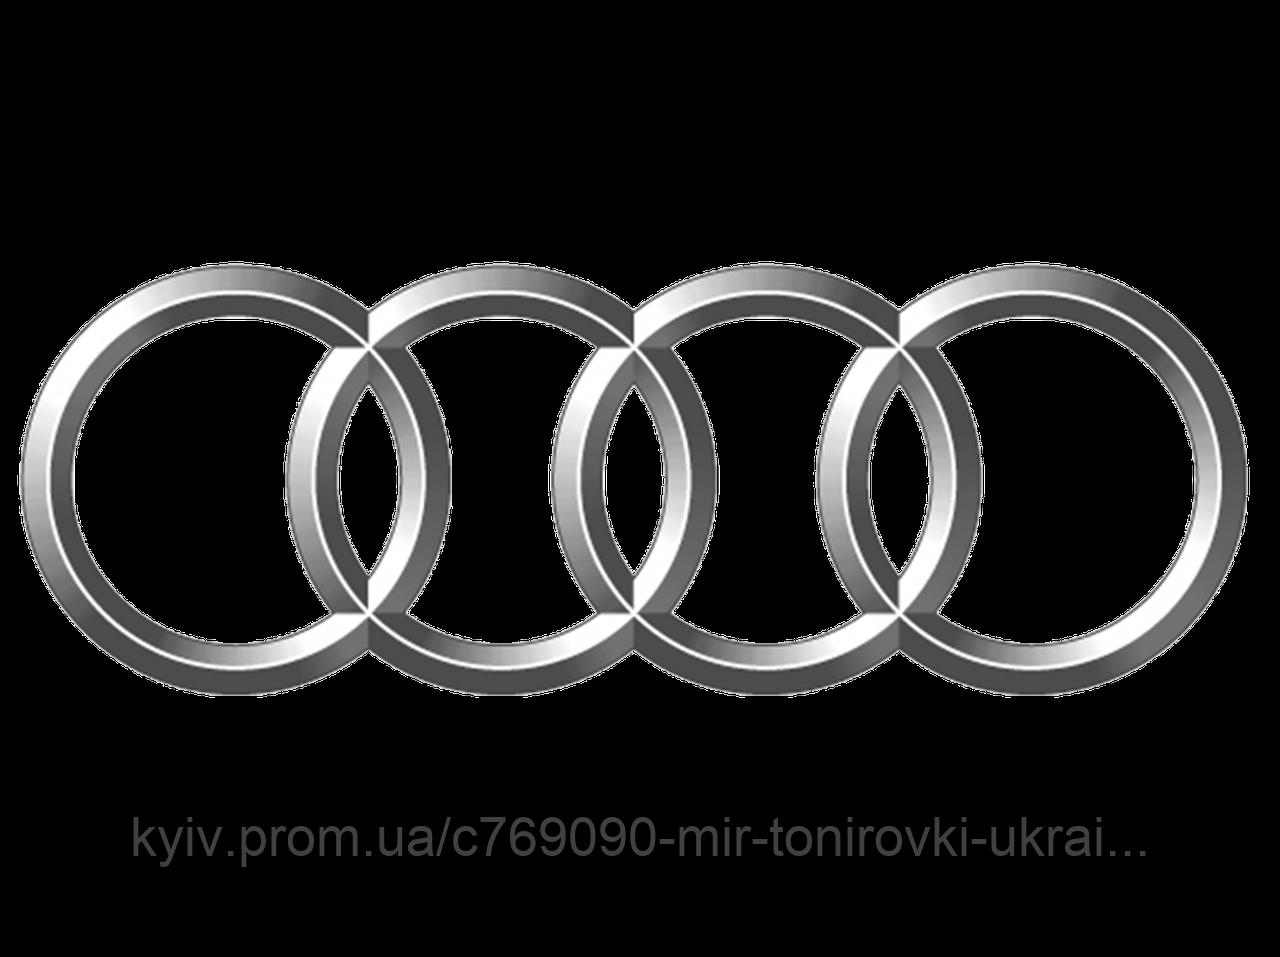 Защитные комплекты антигравийной пленки для автомобилей AUDI (АУДИ)